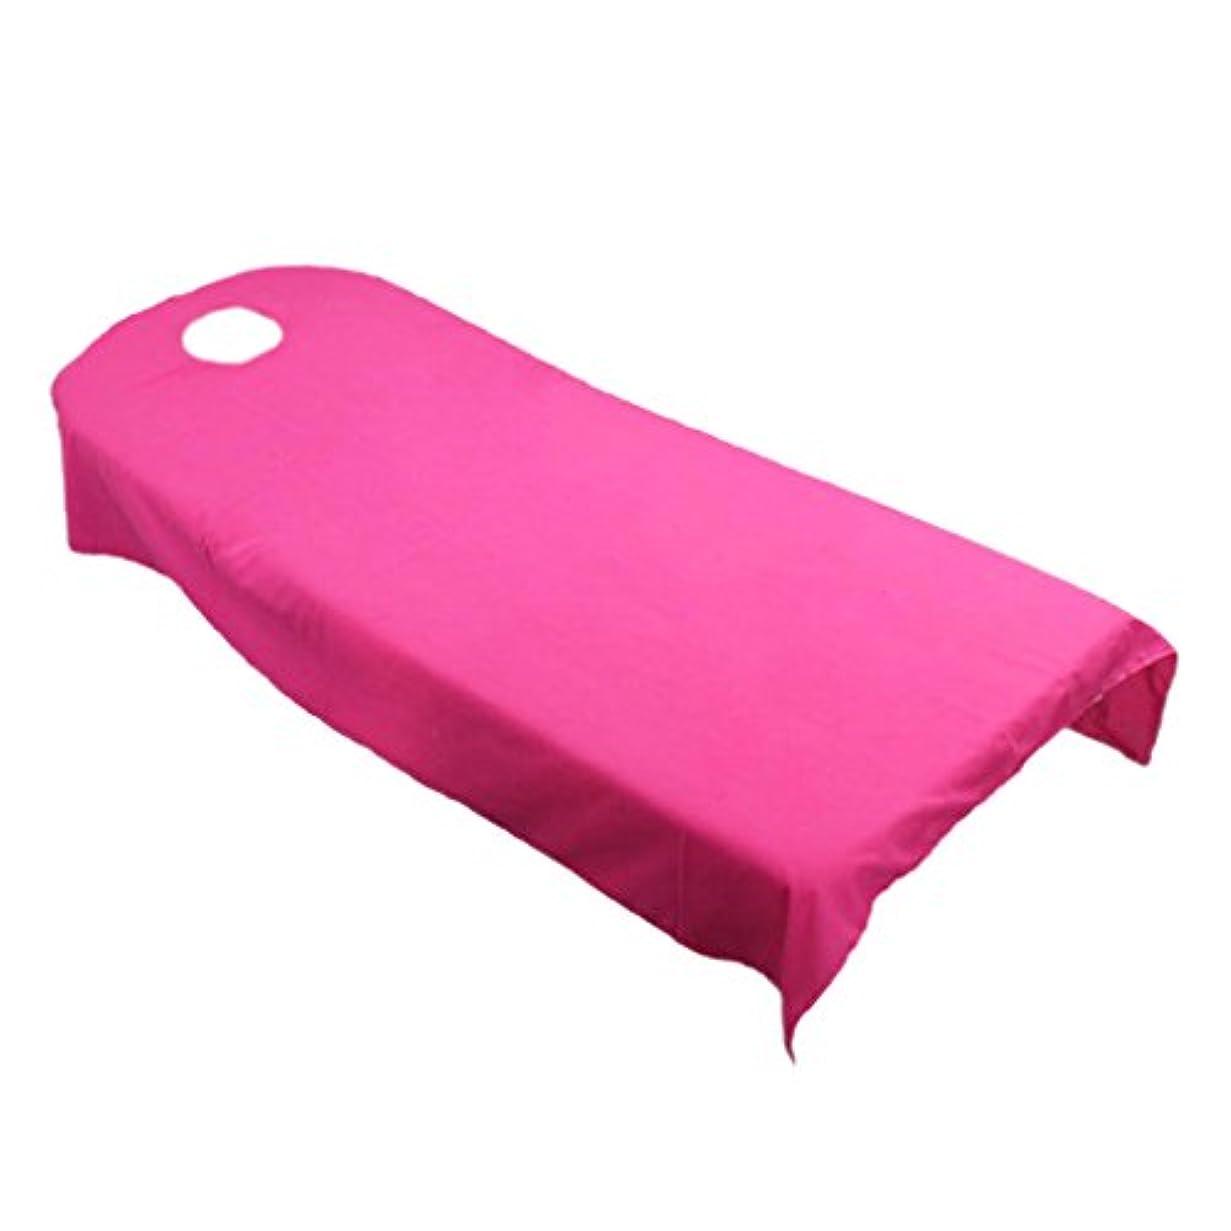 埋めるラオス人継続中タオル地 ベッドカバー ソファーカバー シート 面部の位置 ホール付き 美容/マッサージ/SPA 用 9色選べる - ホトピンク